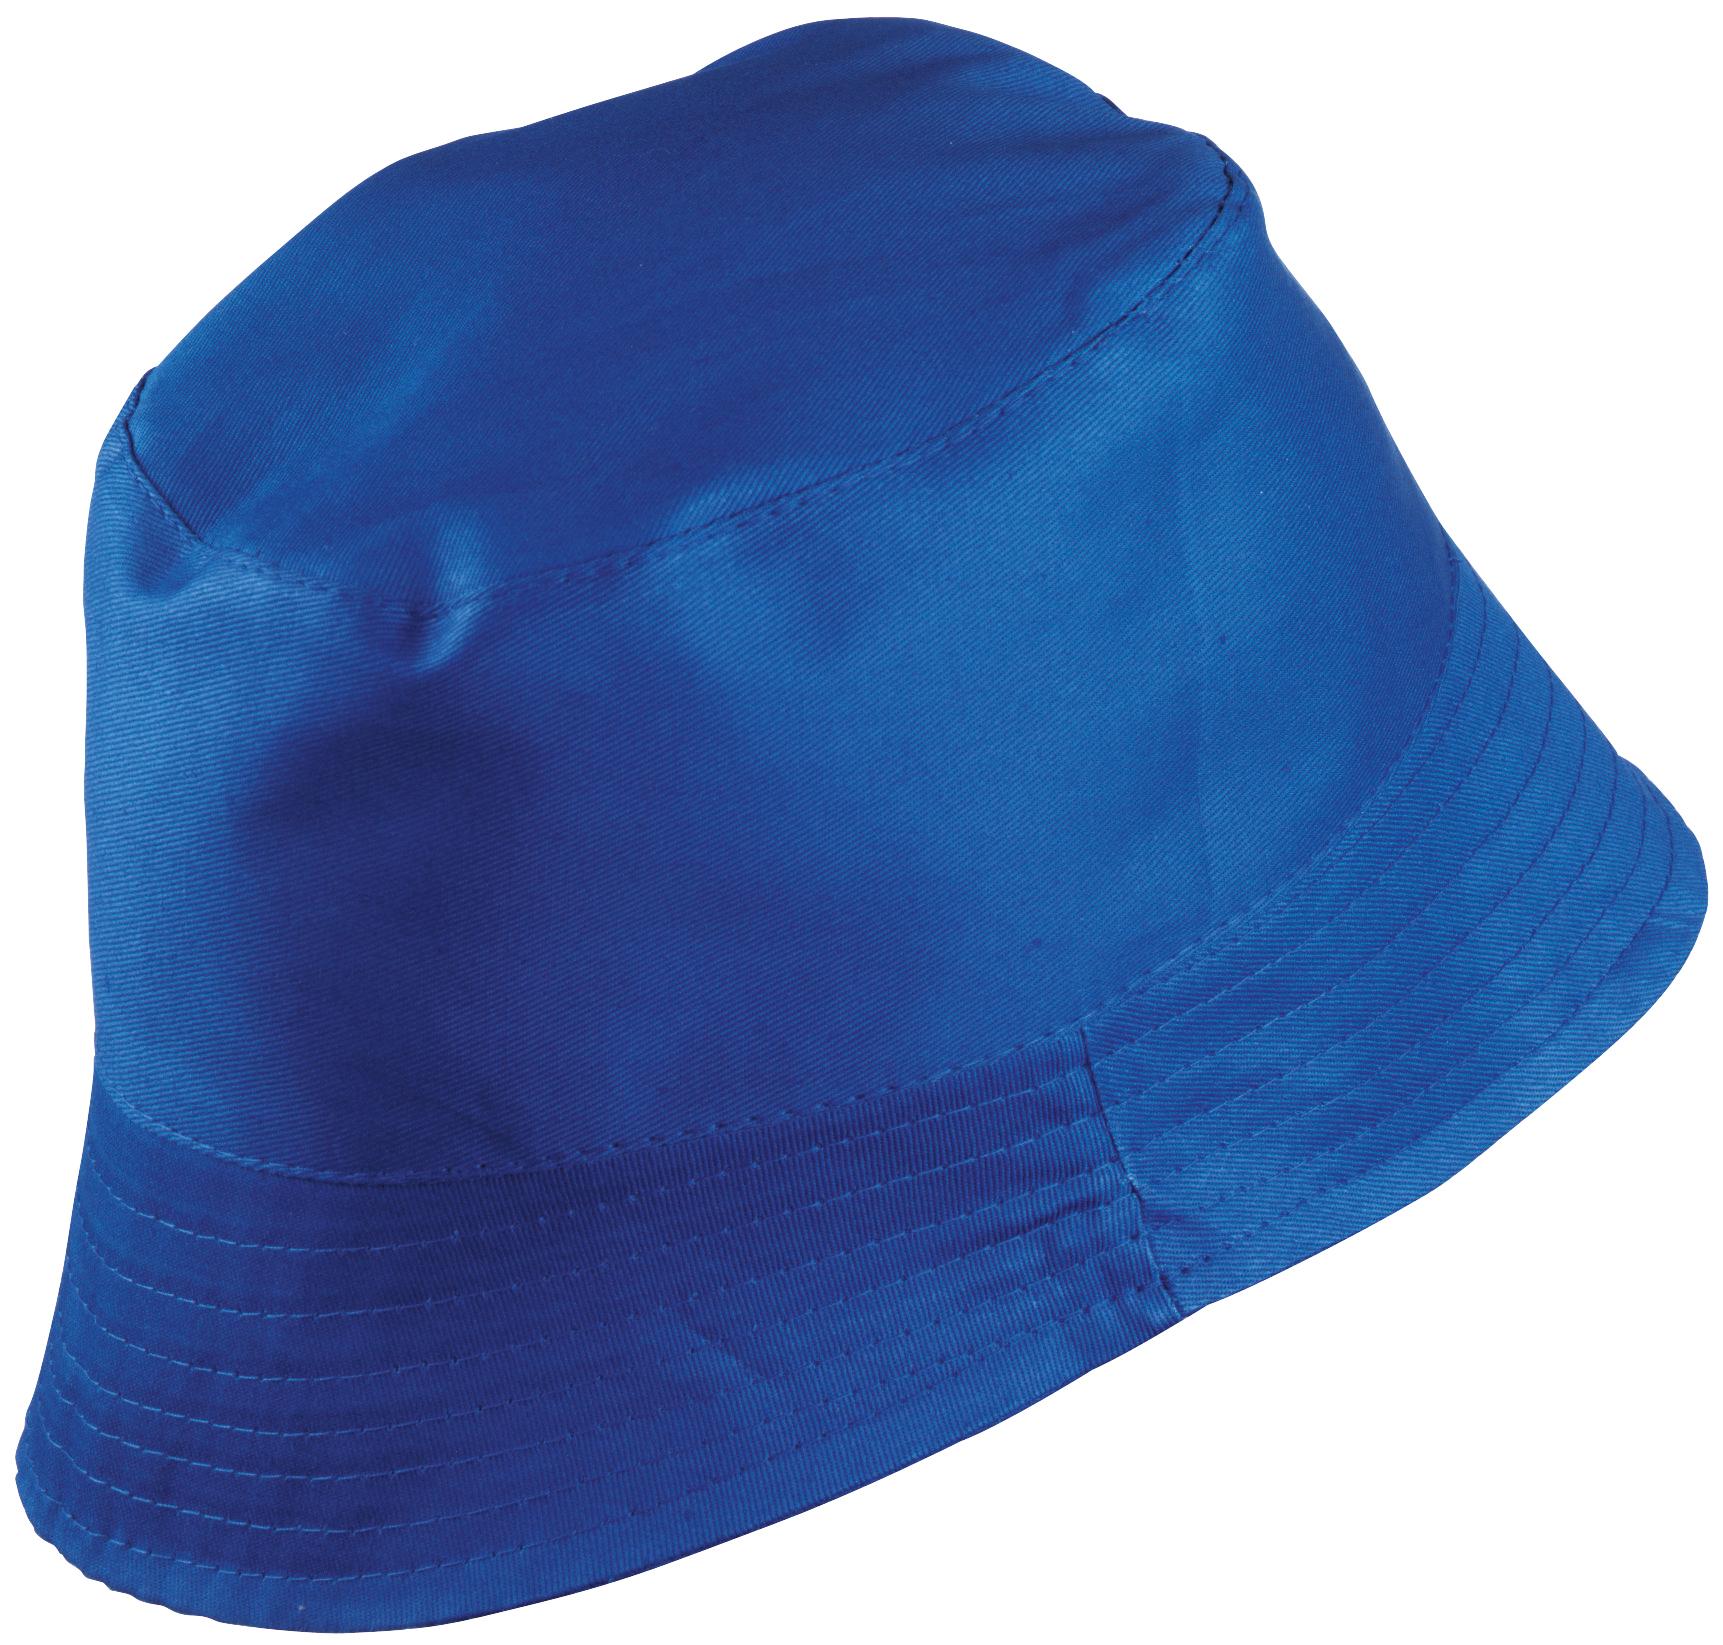 Kapelusz przeciwsłoneczny SHADOW, niebieski